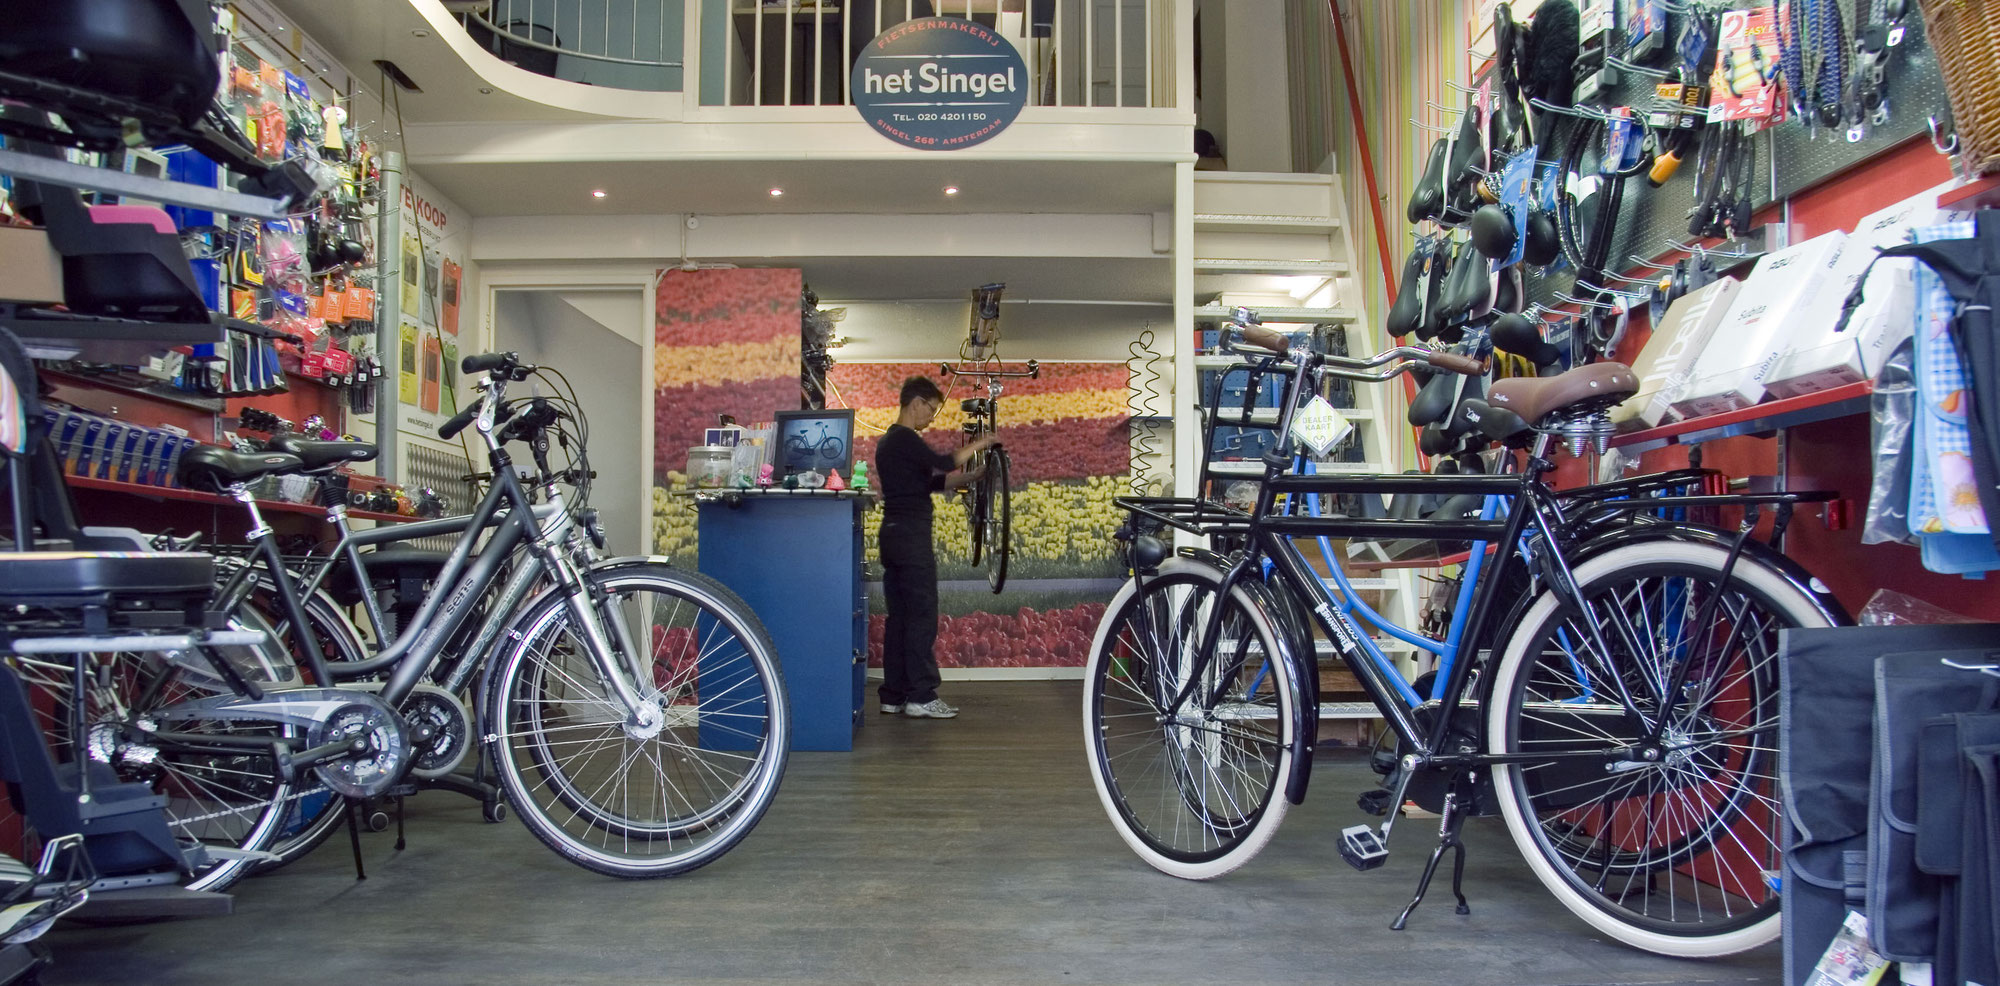 Wonderbaar Verkoop nieuw en 2e hands fietsen - fietsenmaker amsterdam centrum ZL-96